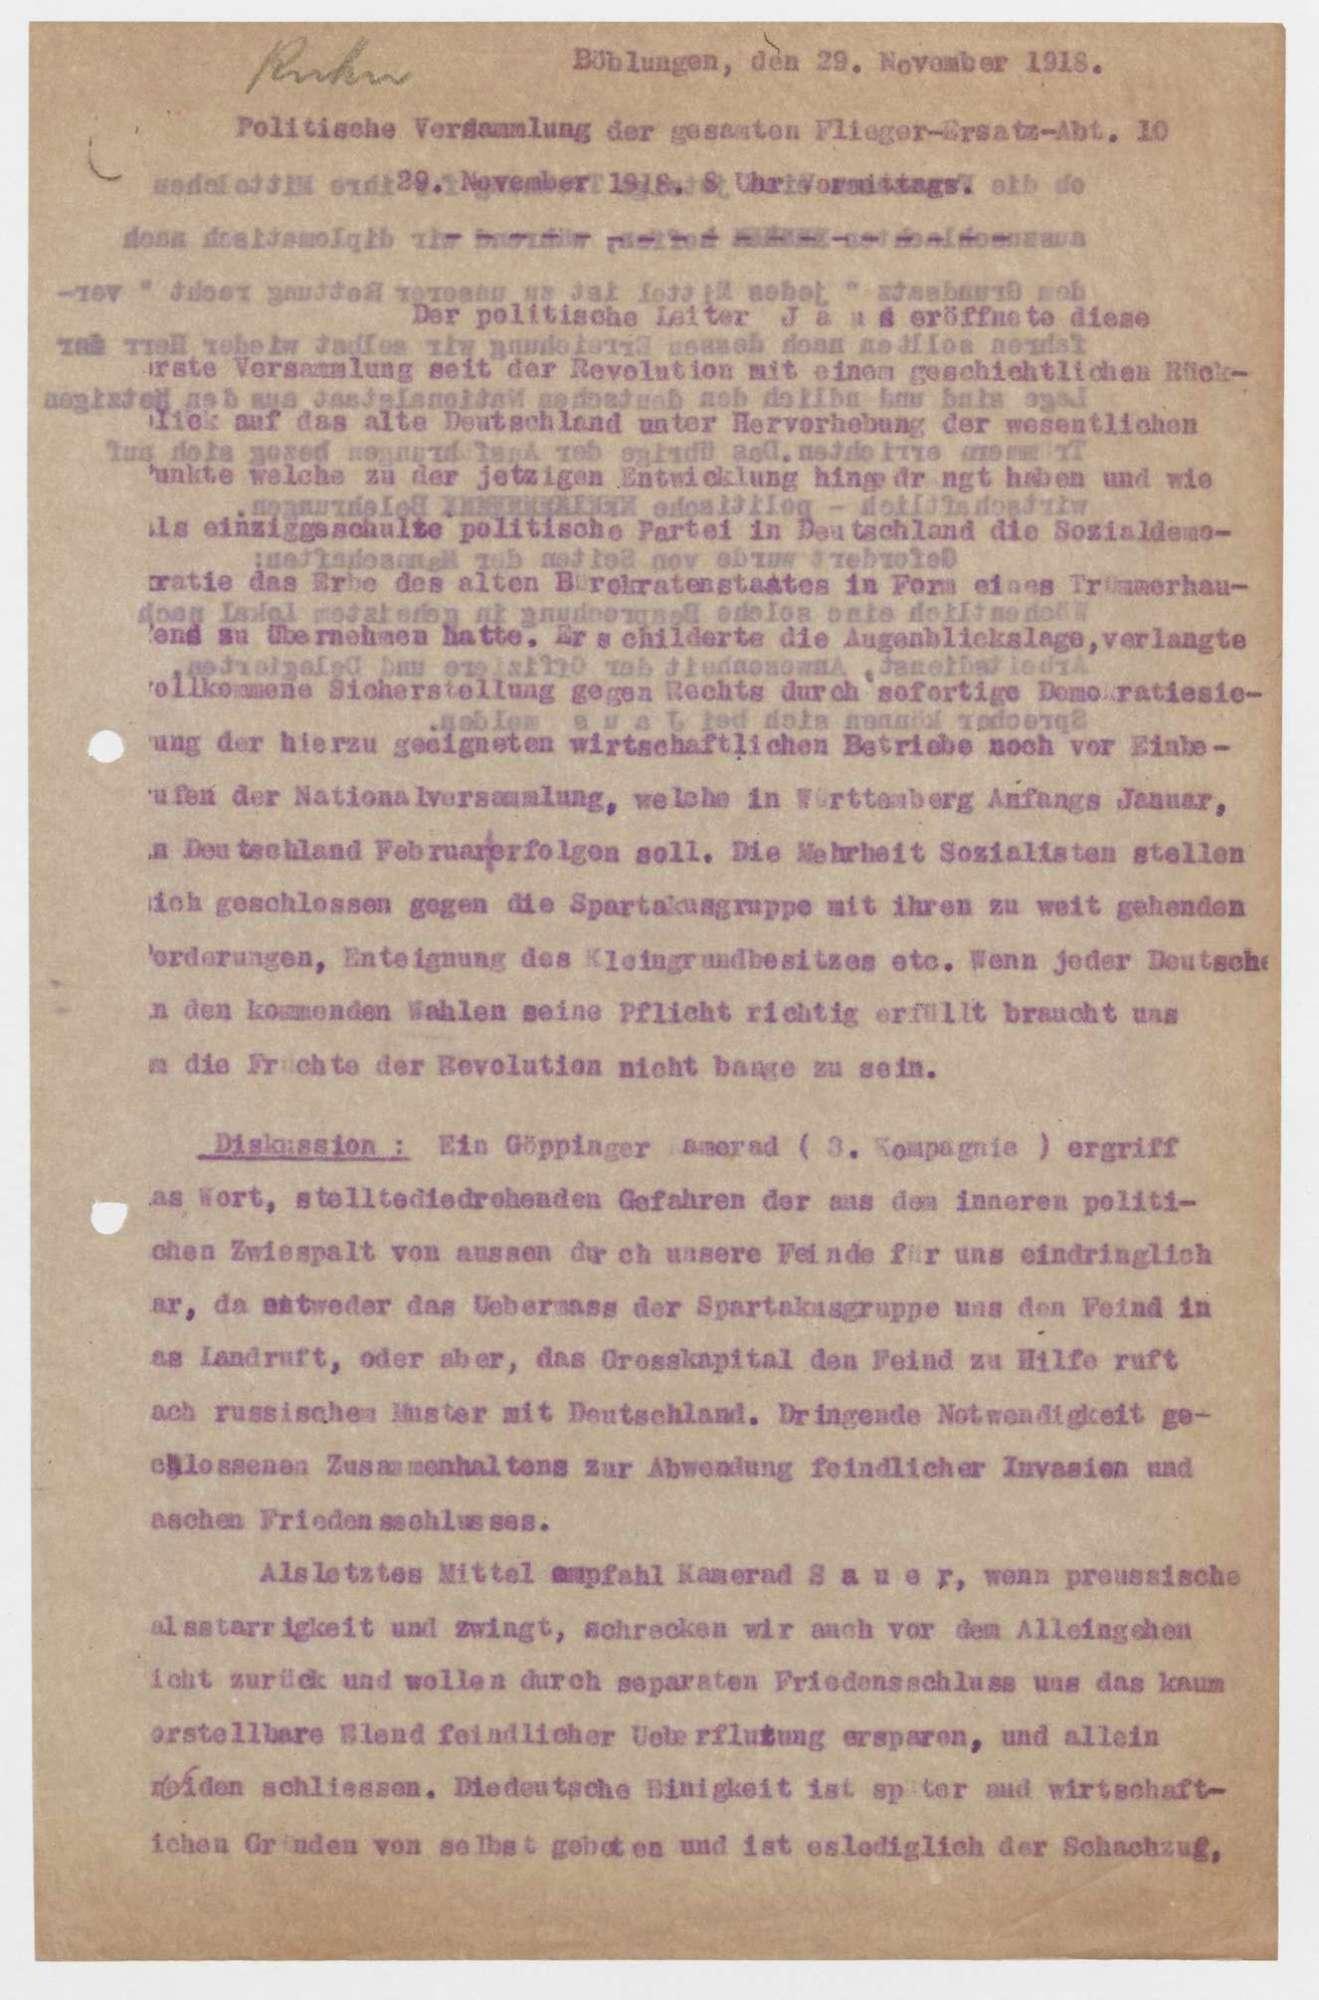 Einladung und Protokoll zu politischen Versammlungen der Flieger-Ersatz-Abteilung 10, Bild 2